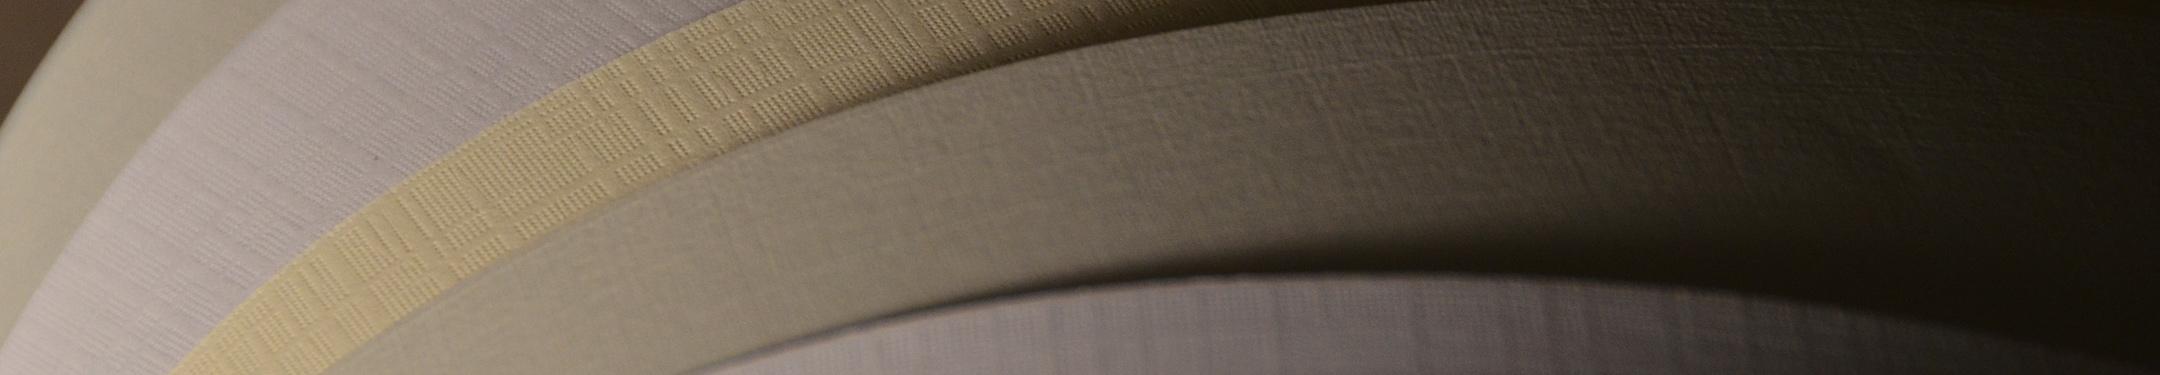 Southworth Business Linen 25% Cotton